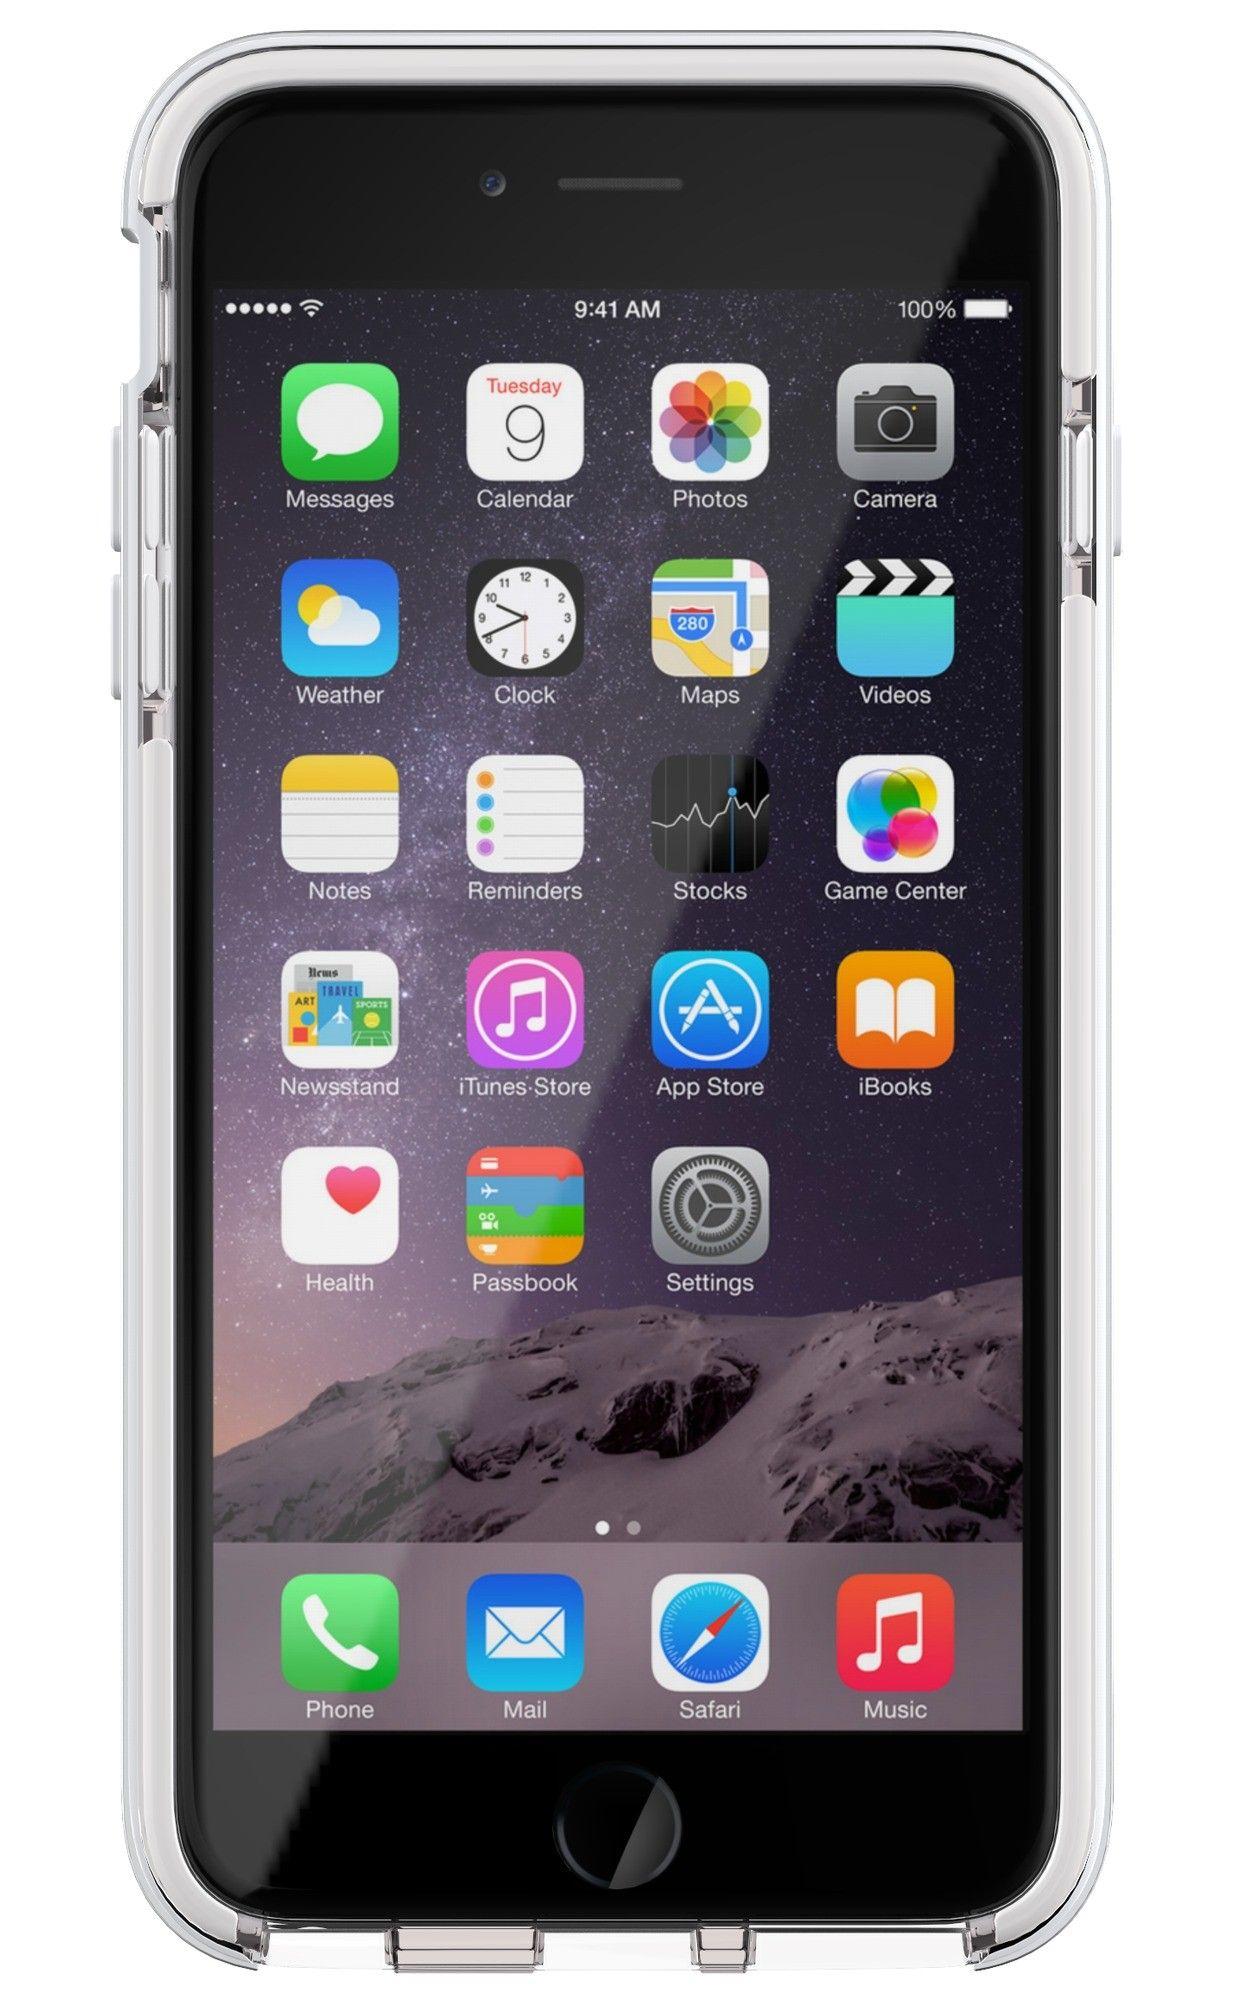 Evo Elite Case For Apple Iphone 6 Plus 6s Plus Iphone 6 Plus 6s Plus Cases Apple Smartphone Protection Apple Iphone 6s Plus Iphone Apple Iphone 6